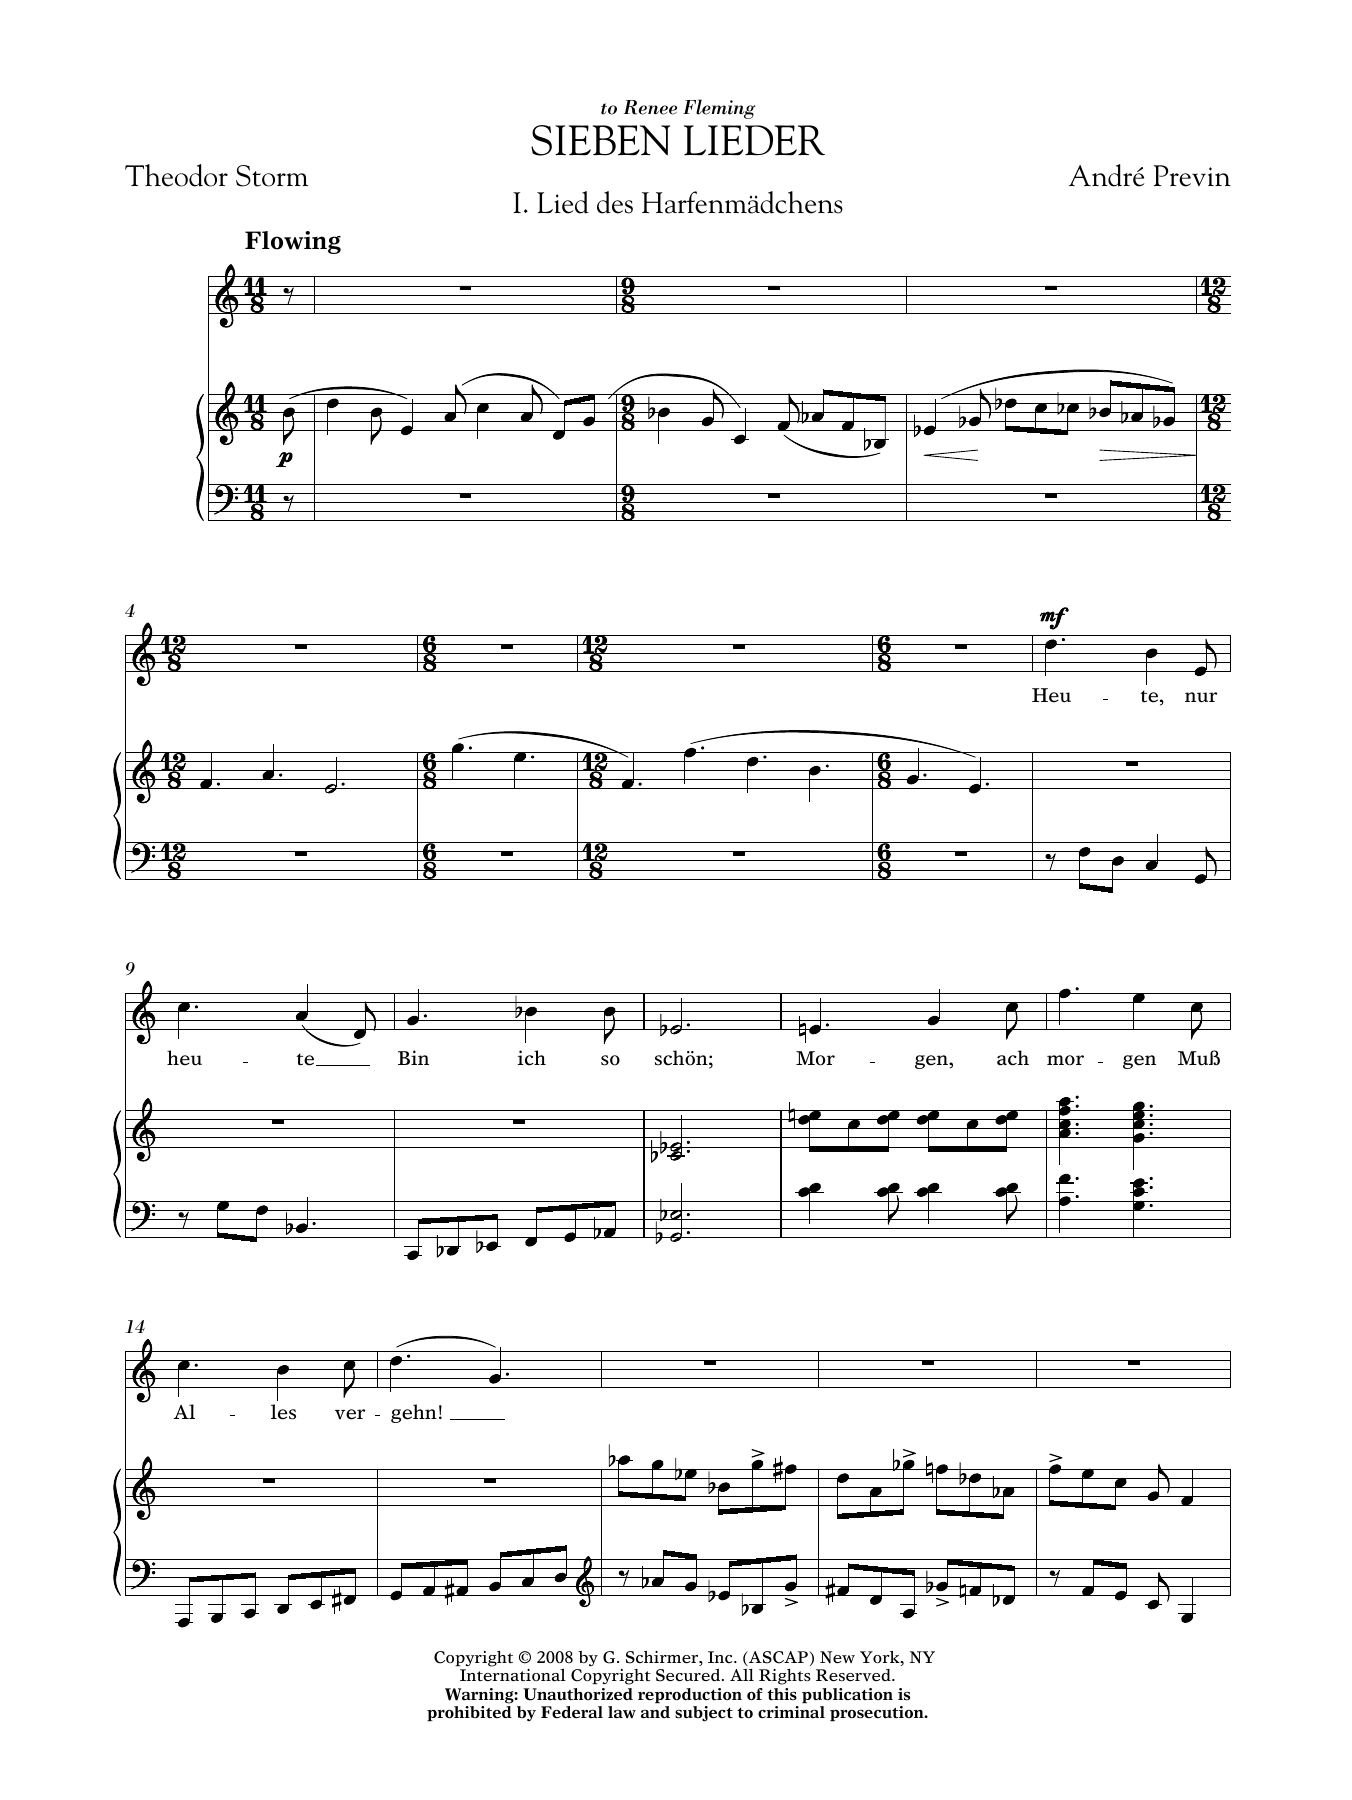 André Previn - Sieben Lieder